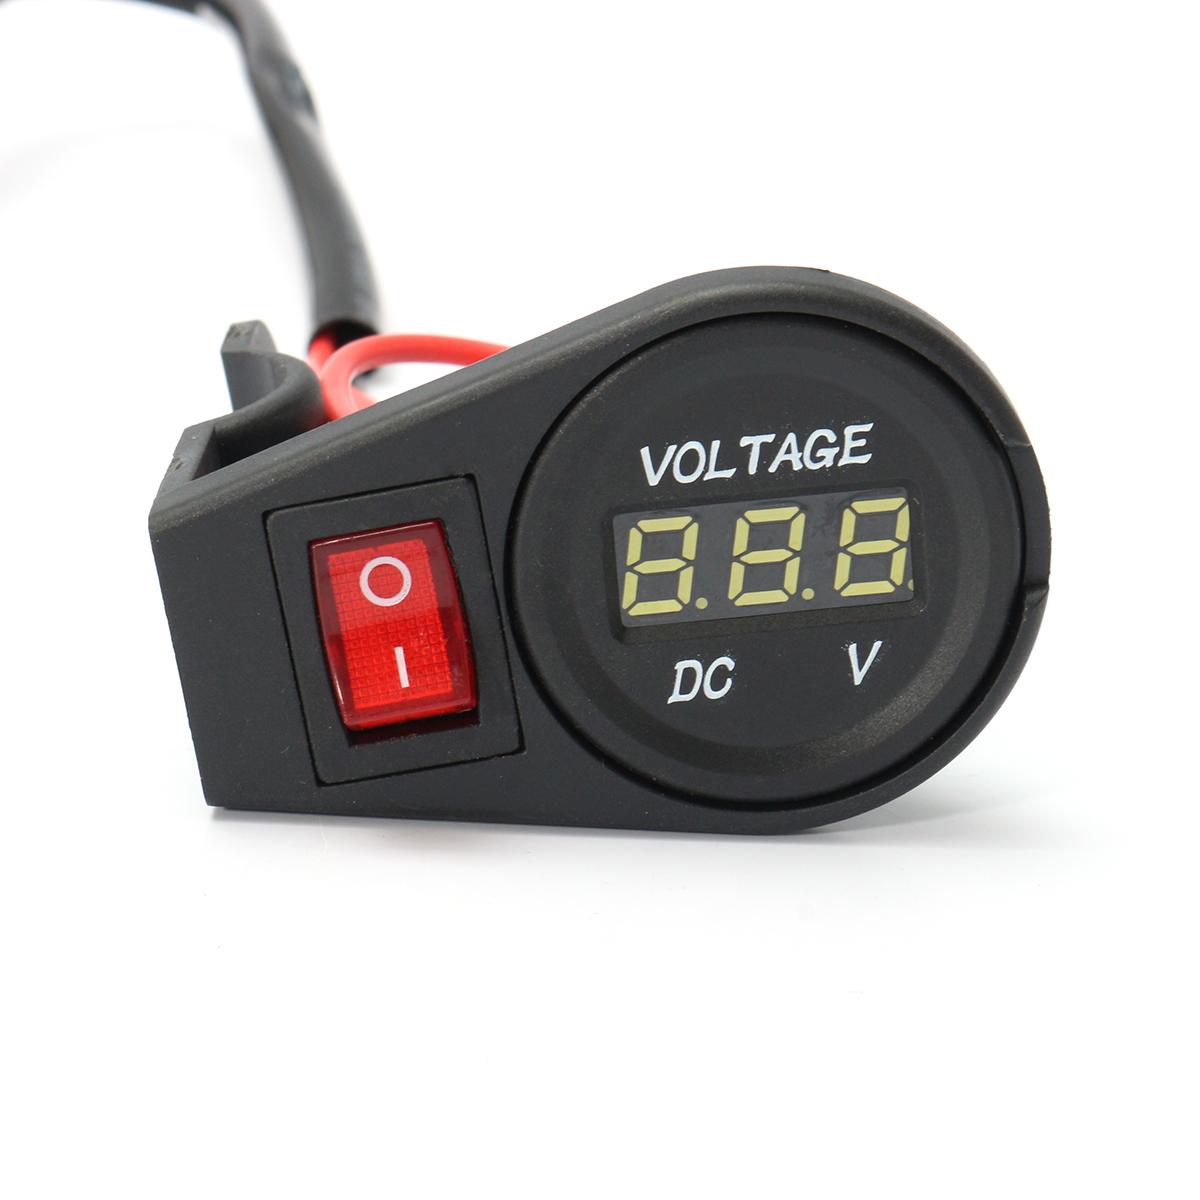 12V-24V LED Digital Display Voltmeter Voltage Gauge Motorcycle Bike On Off Switch